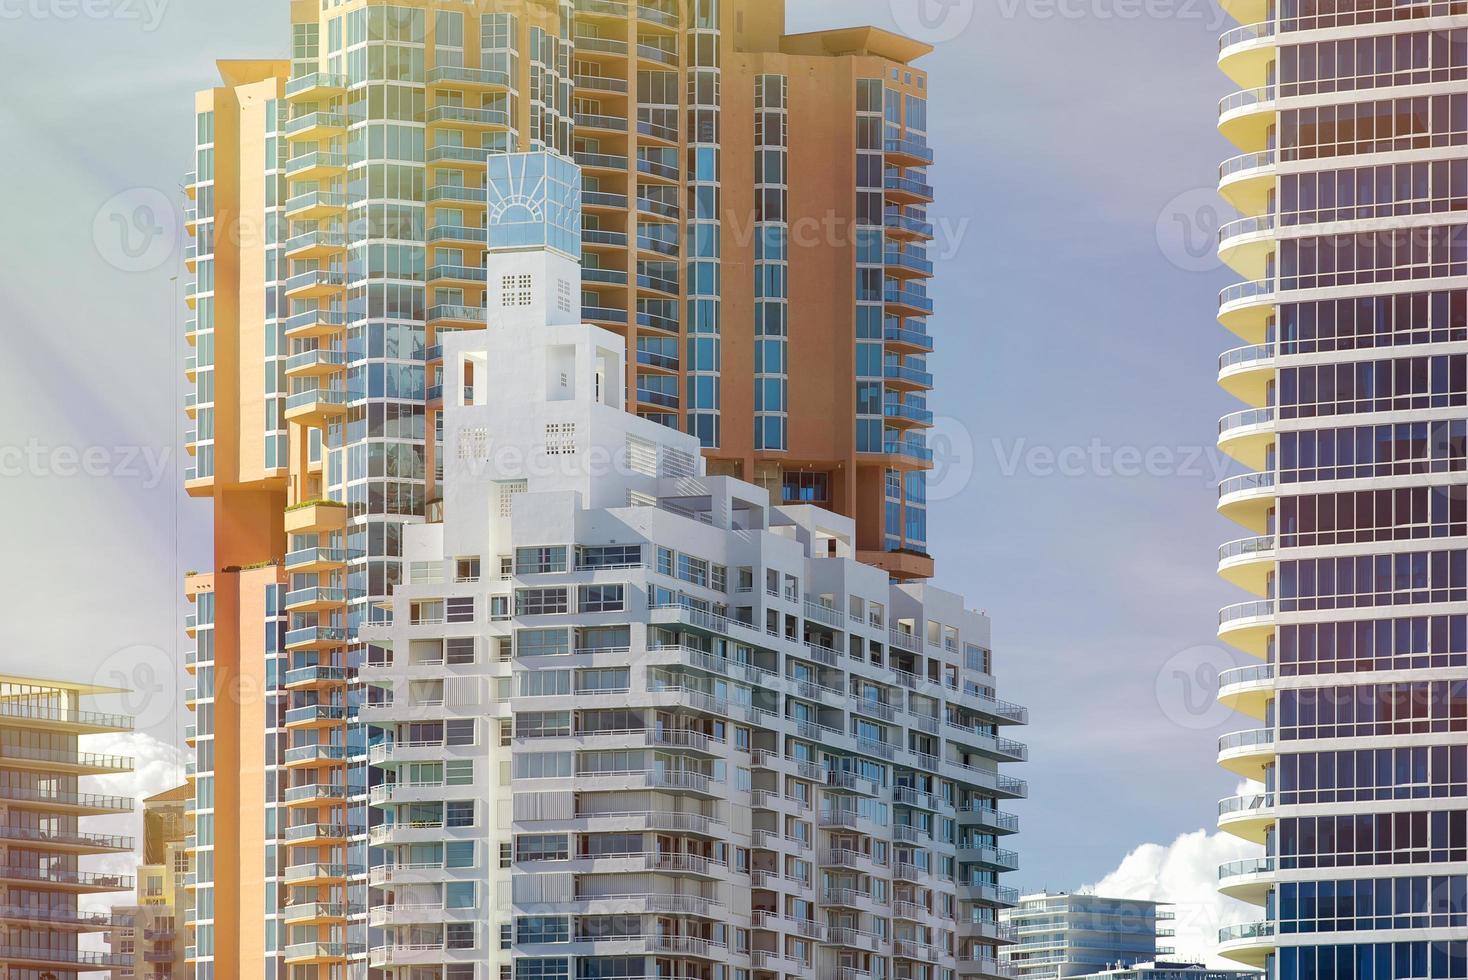 architettura di miami south beach foto